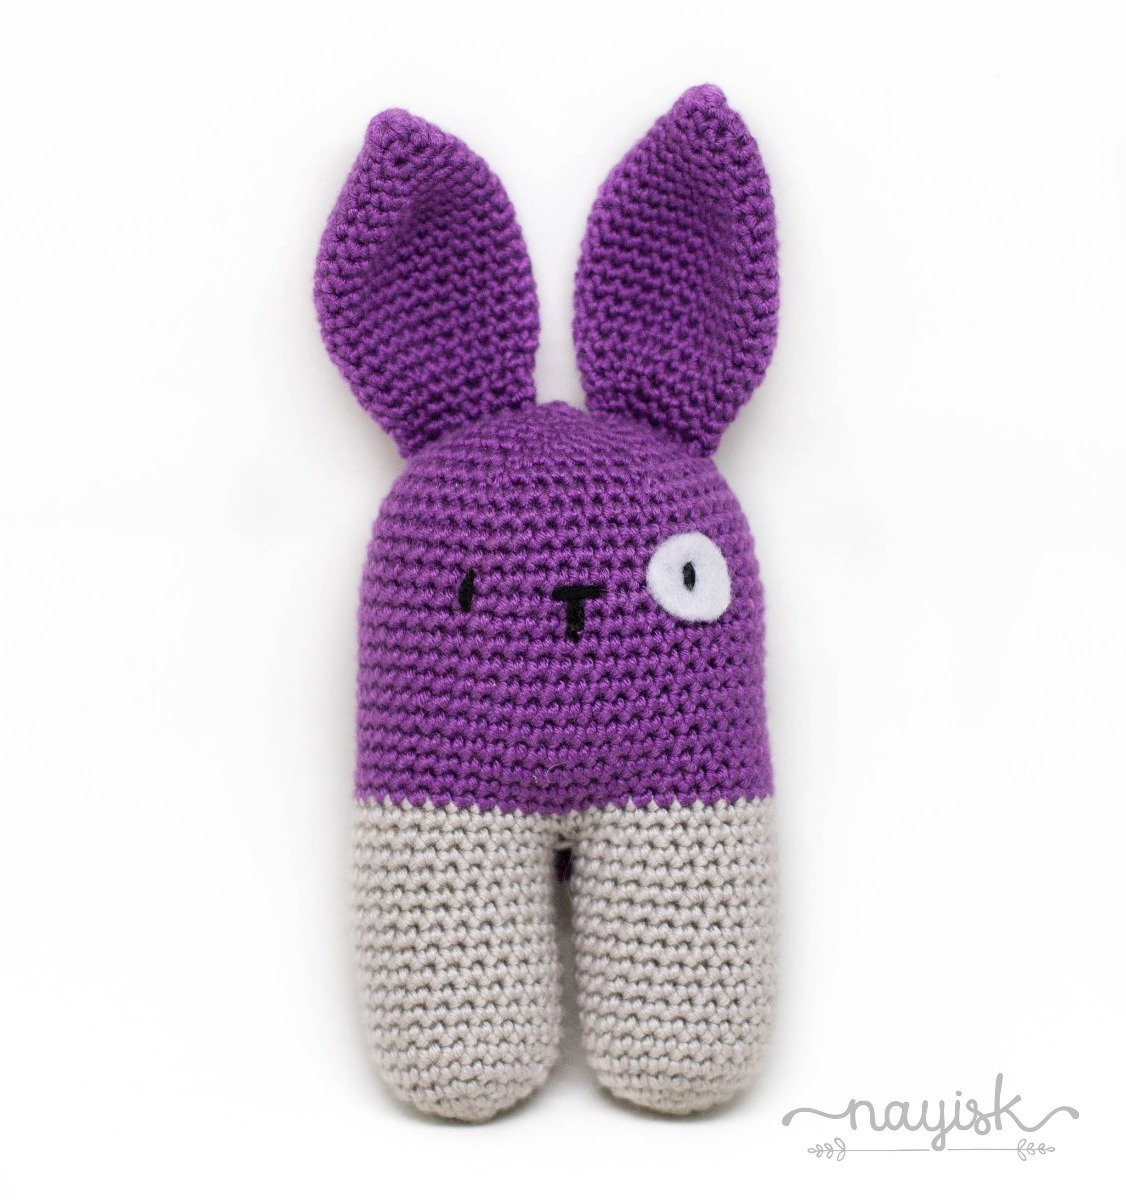 Amigurumi Sonaja Crochet Ganchillo Conejo Bipedo Morado - $ 250.00 ...